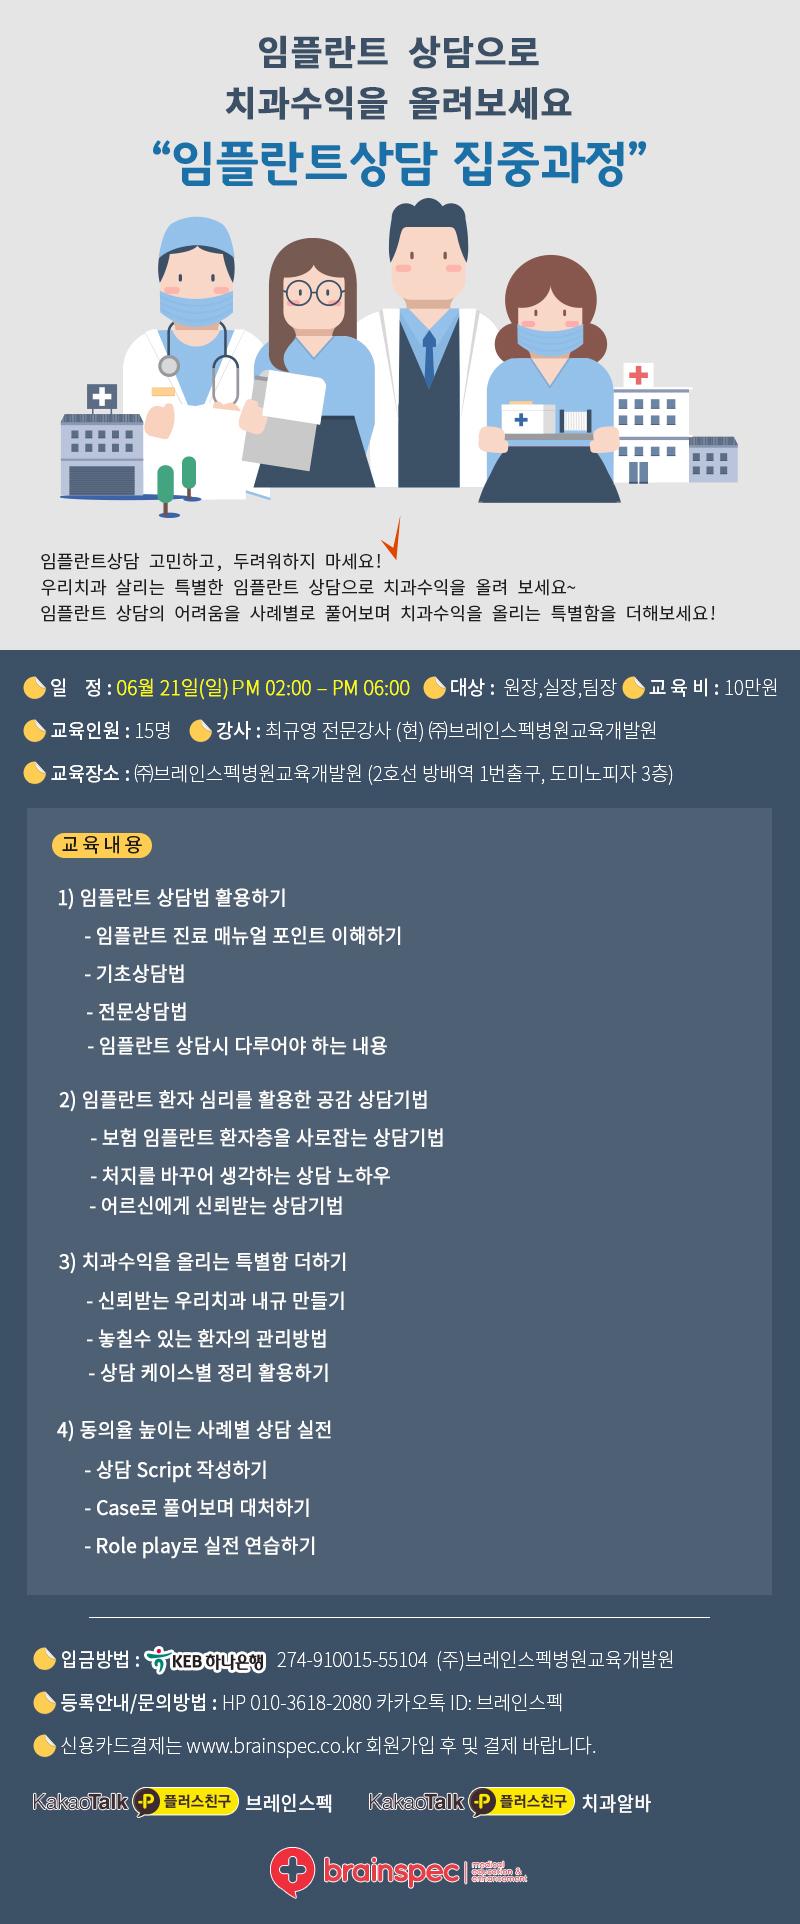 2020-6-21 임플란트상담 집중과정_최규영.jpg